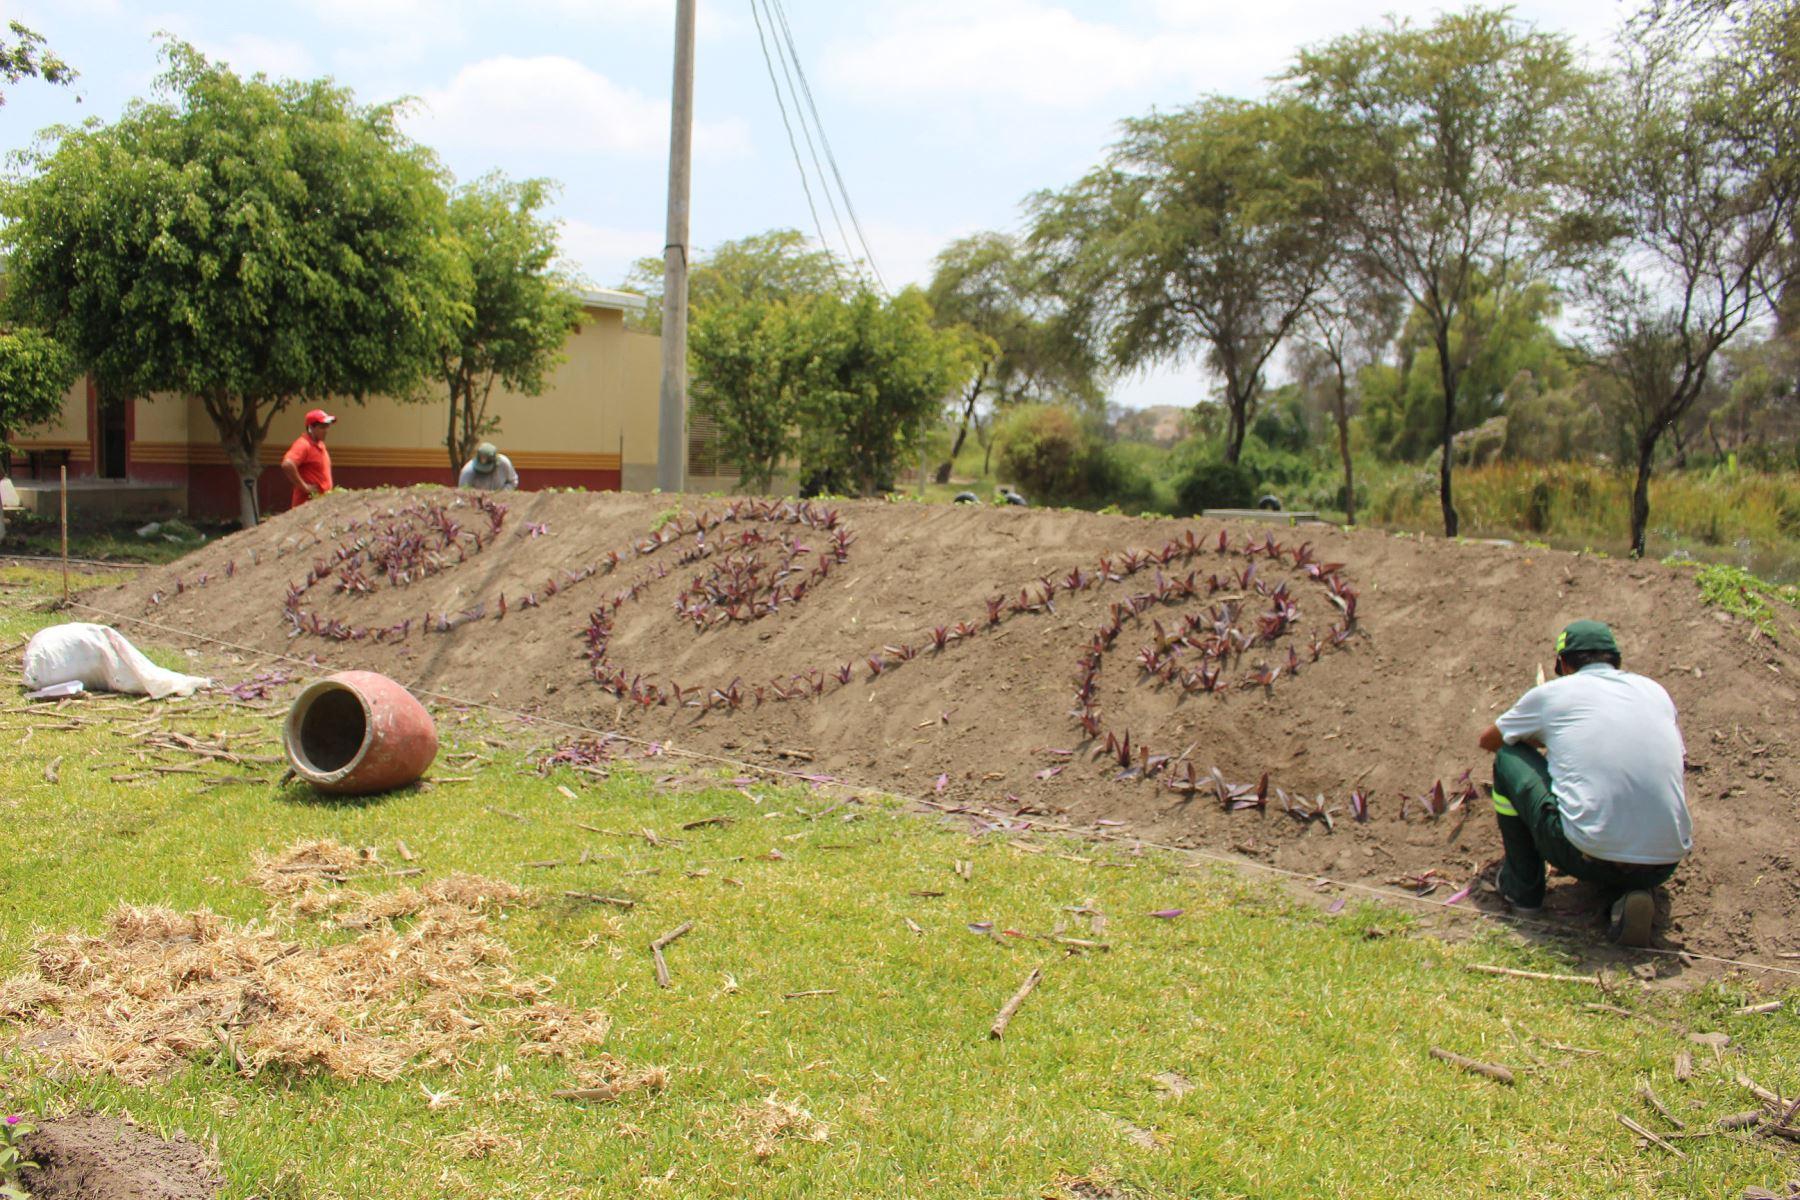 Embellecen con diseños prehispánicos del norte peruano las áreas verdes del Museo Huaca Rajada-Sipán, ubicado en el distrito chiclayano de Zaña.